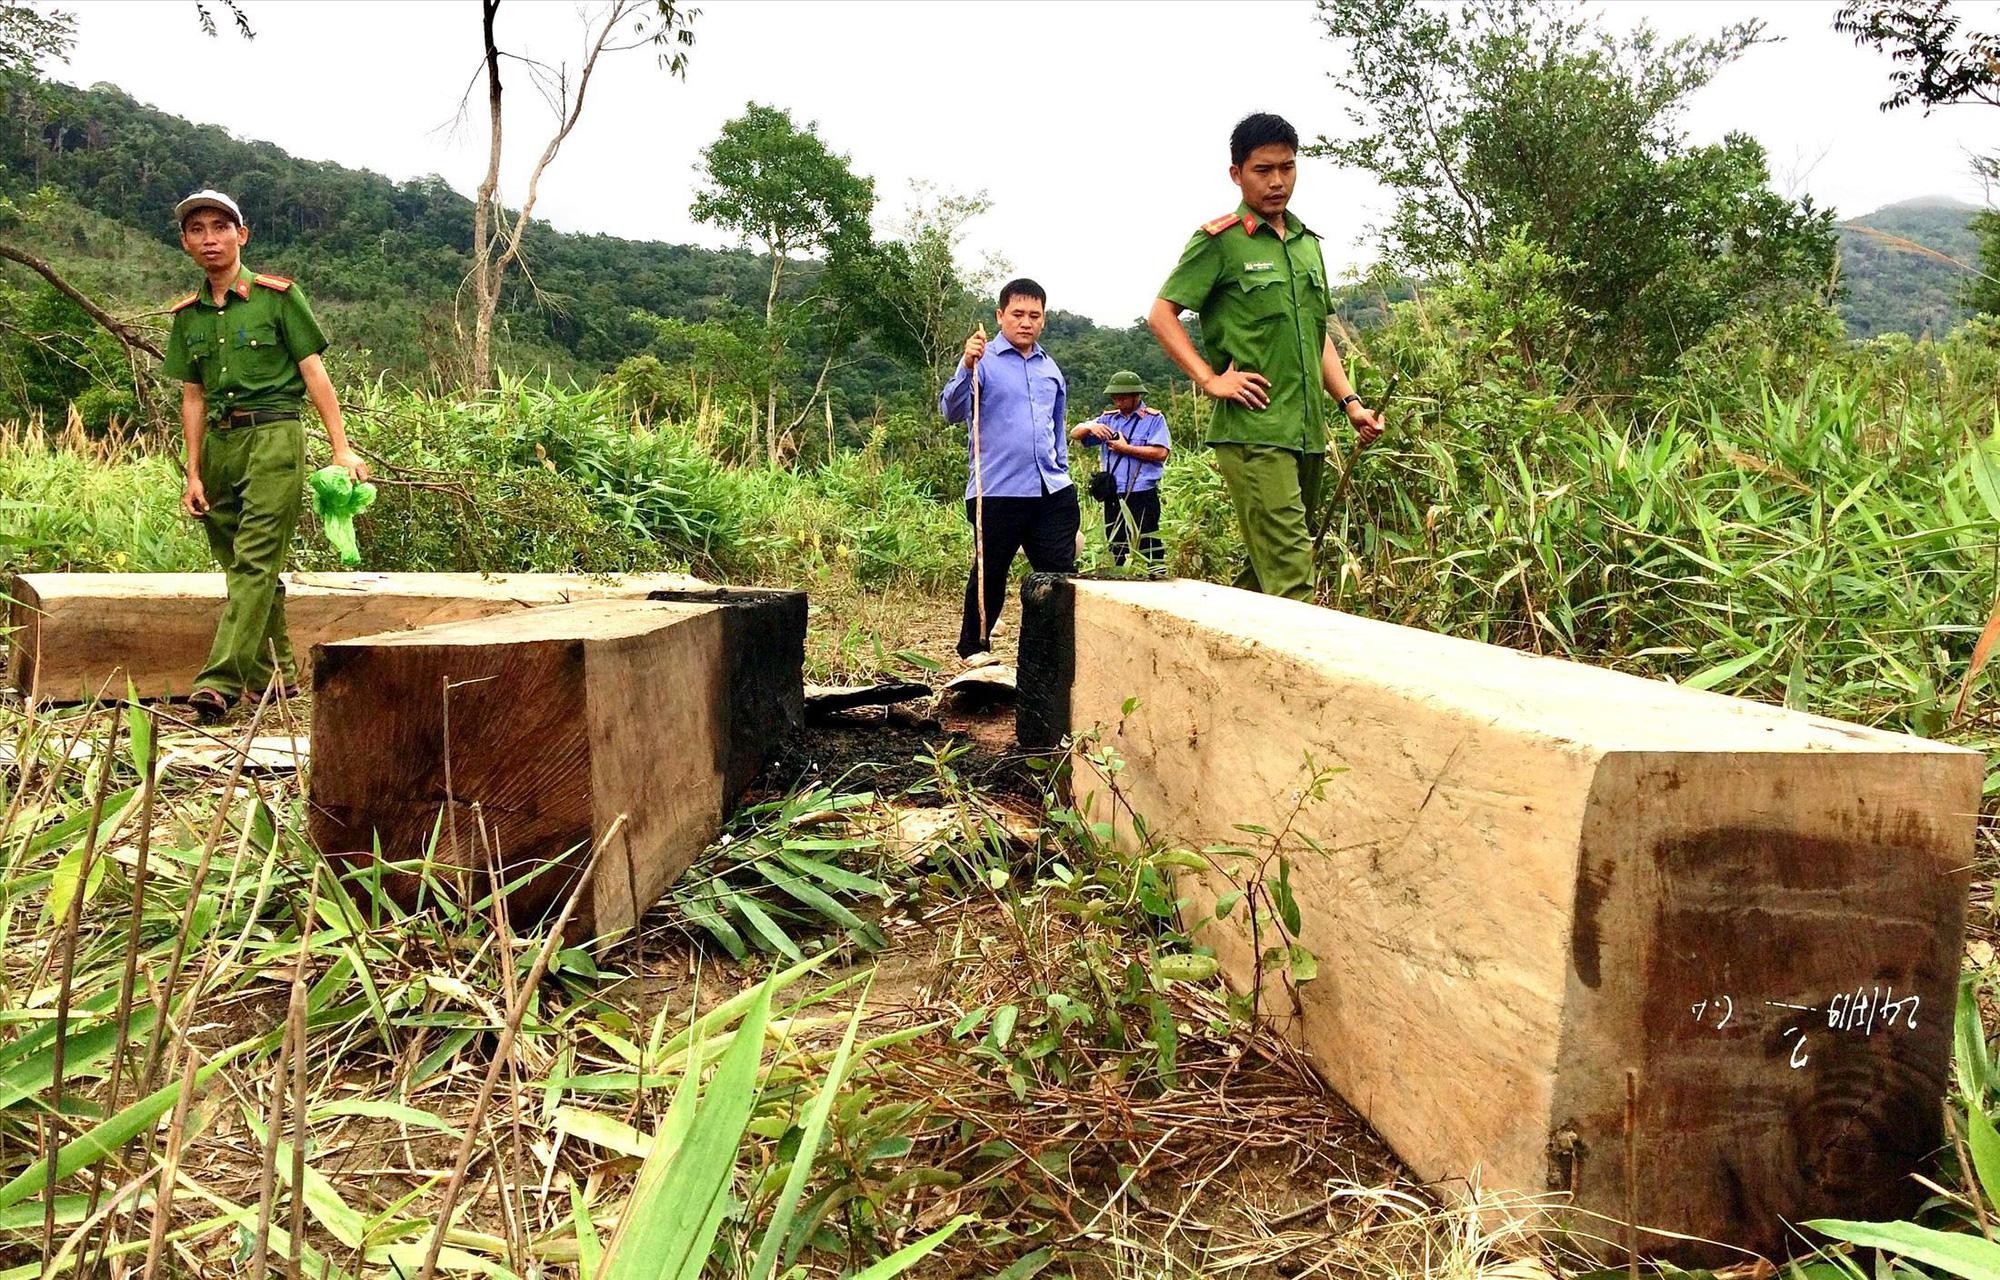 Công an tỉnh phải báo cáo tiến độ điều tra 6 Ban quản lý rừng - Ảnh 2.